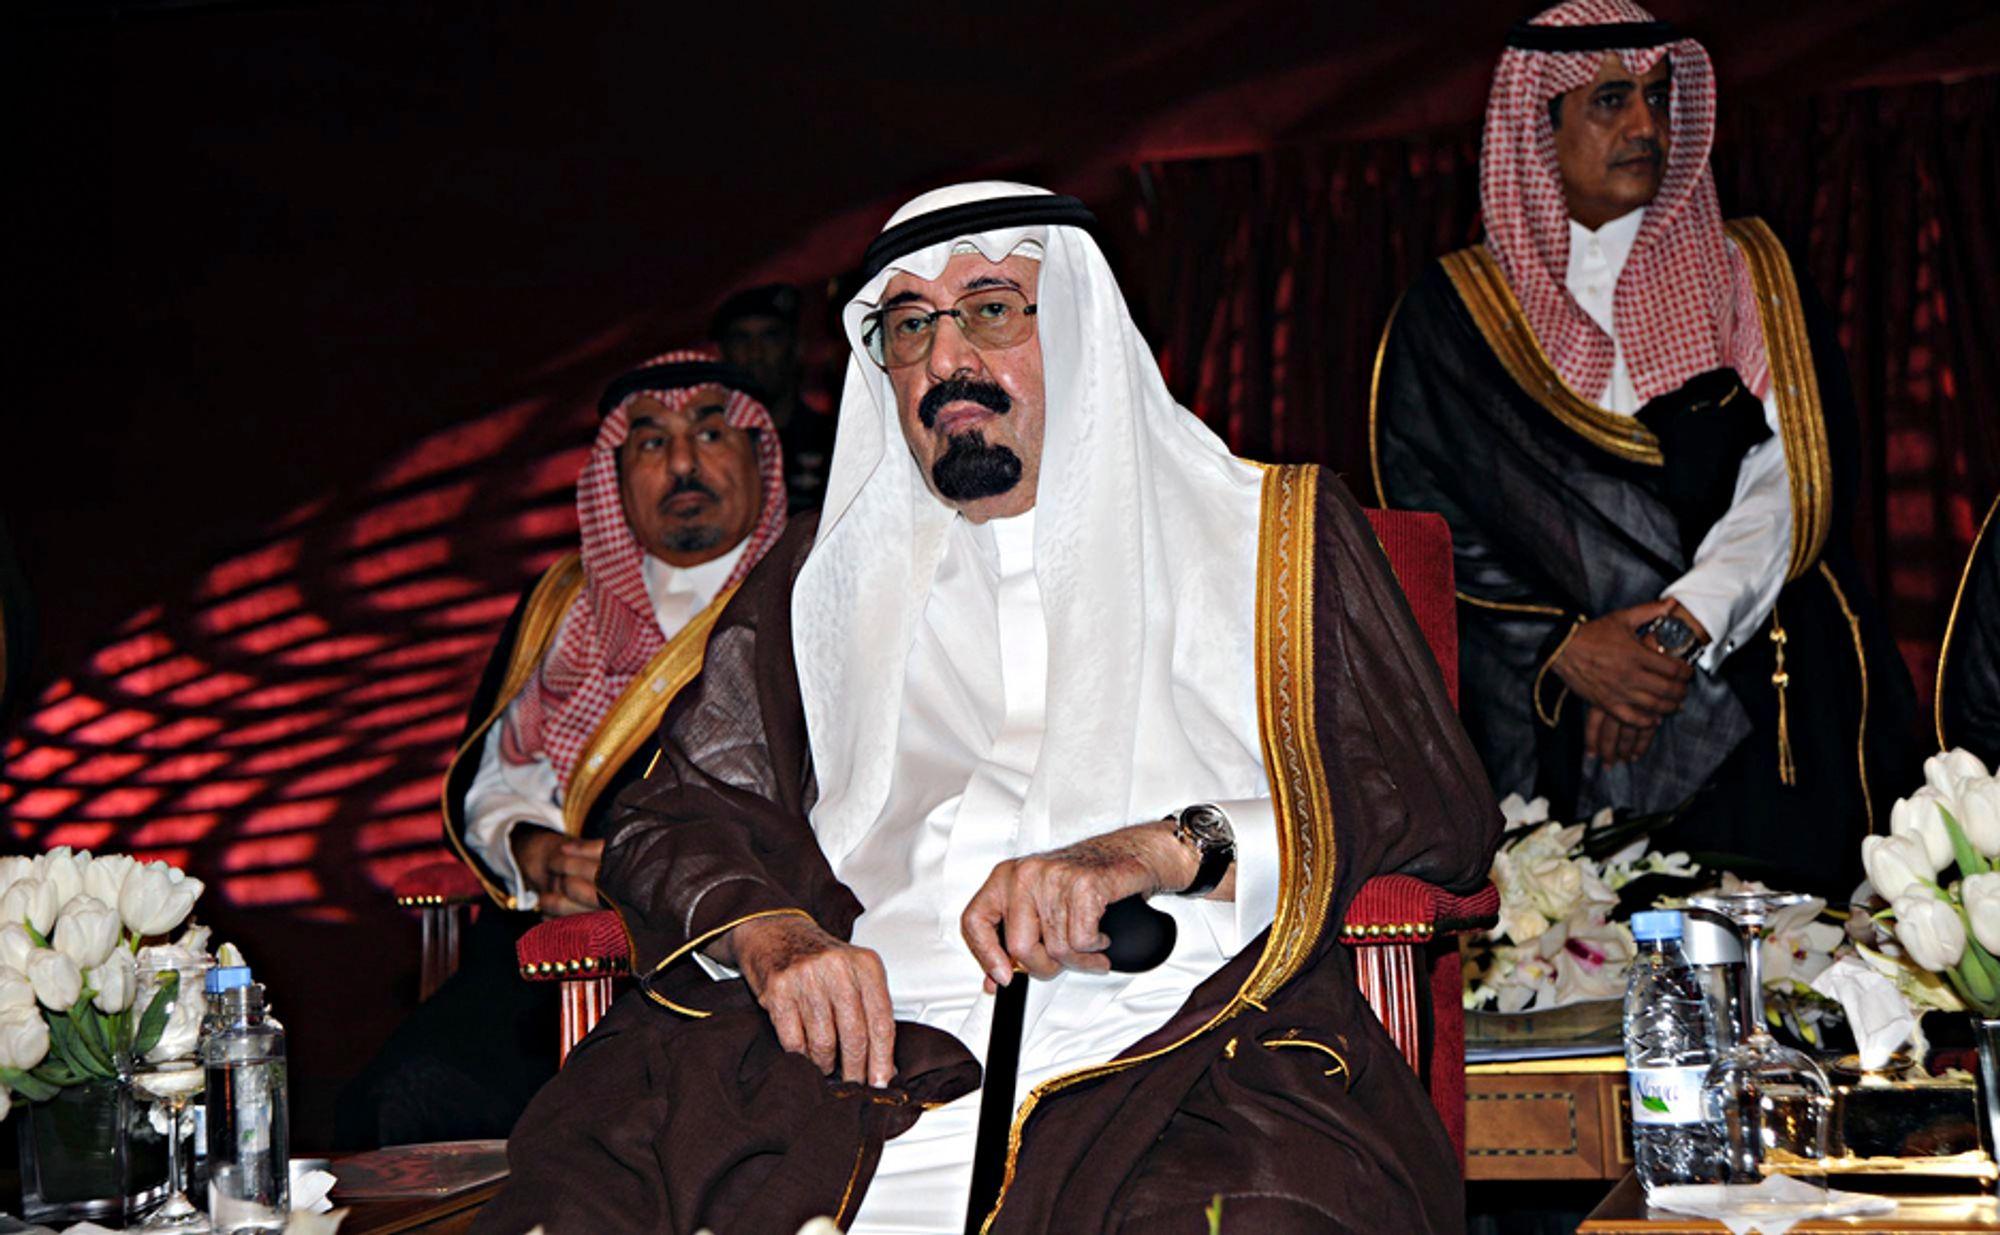 SATSER: Kong Abdullah av Saudi Arabia vil satse tungt på kjernekraft for å møte landets økende kraftbehov, ifølge en av hans tjenestemenn.